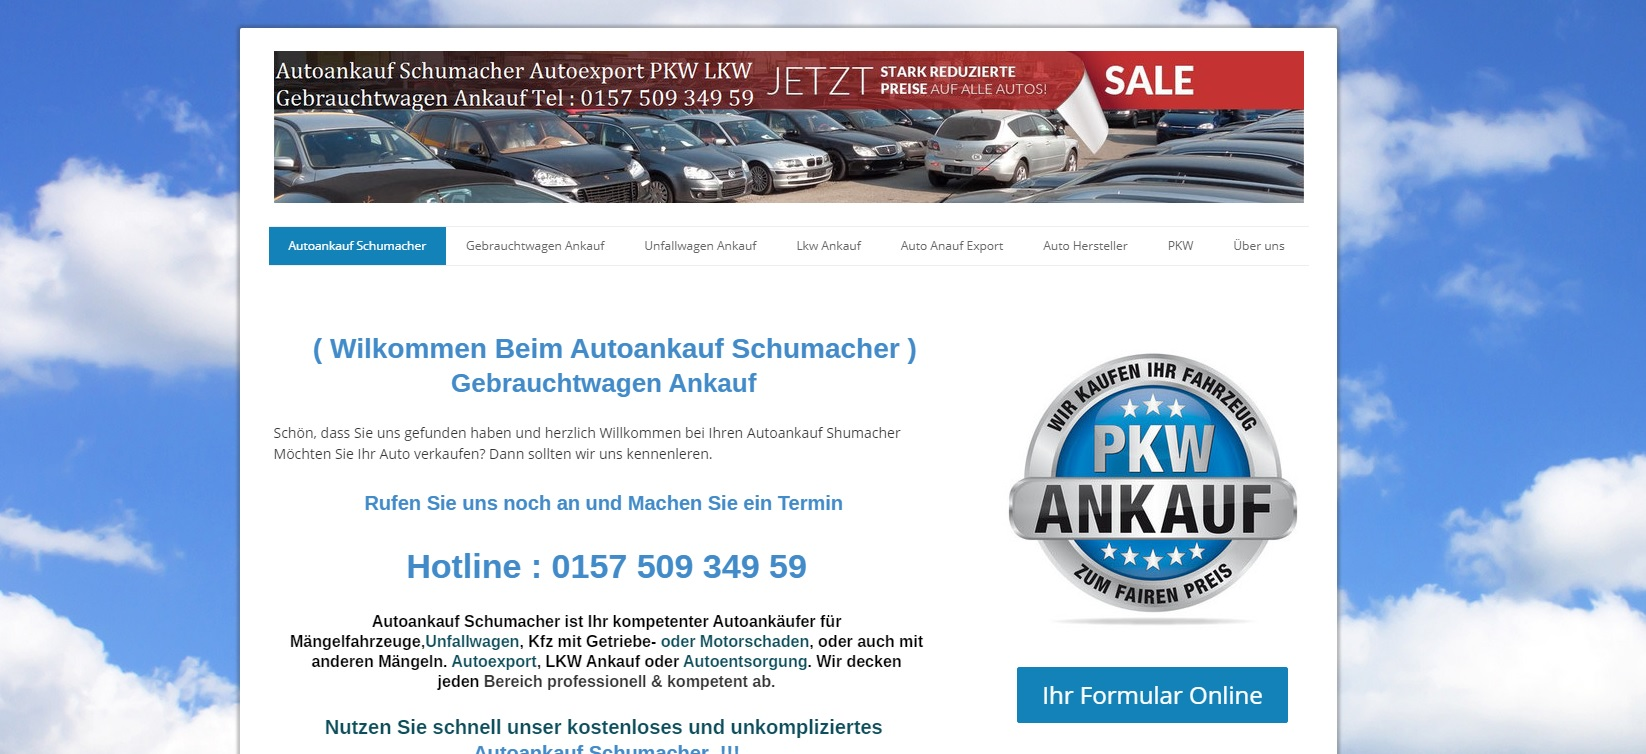 autoankauf-schumacher.de - Autoankauf Bremerhaven